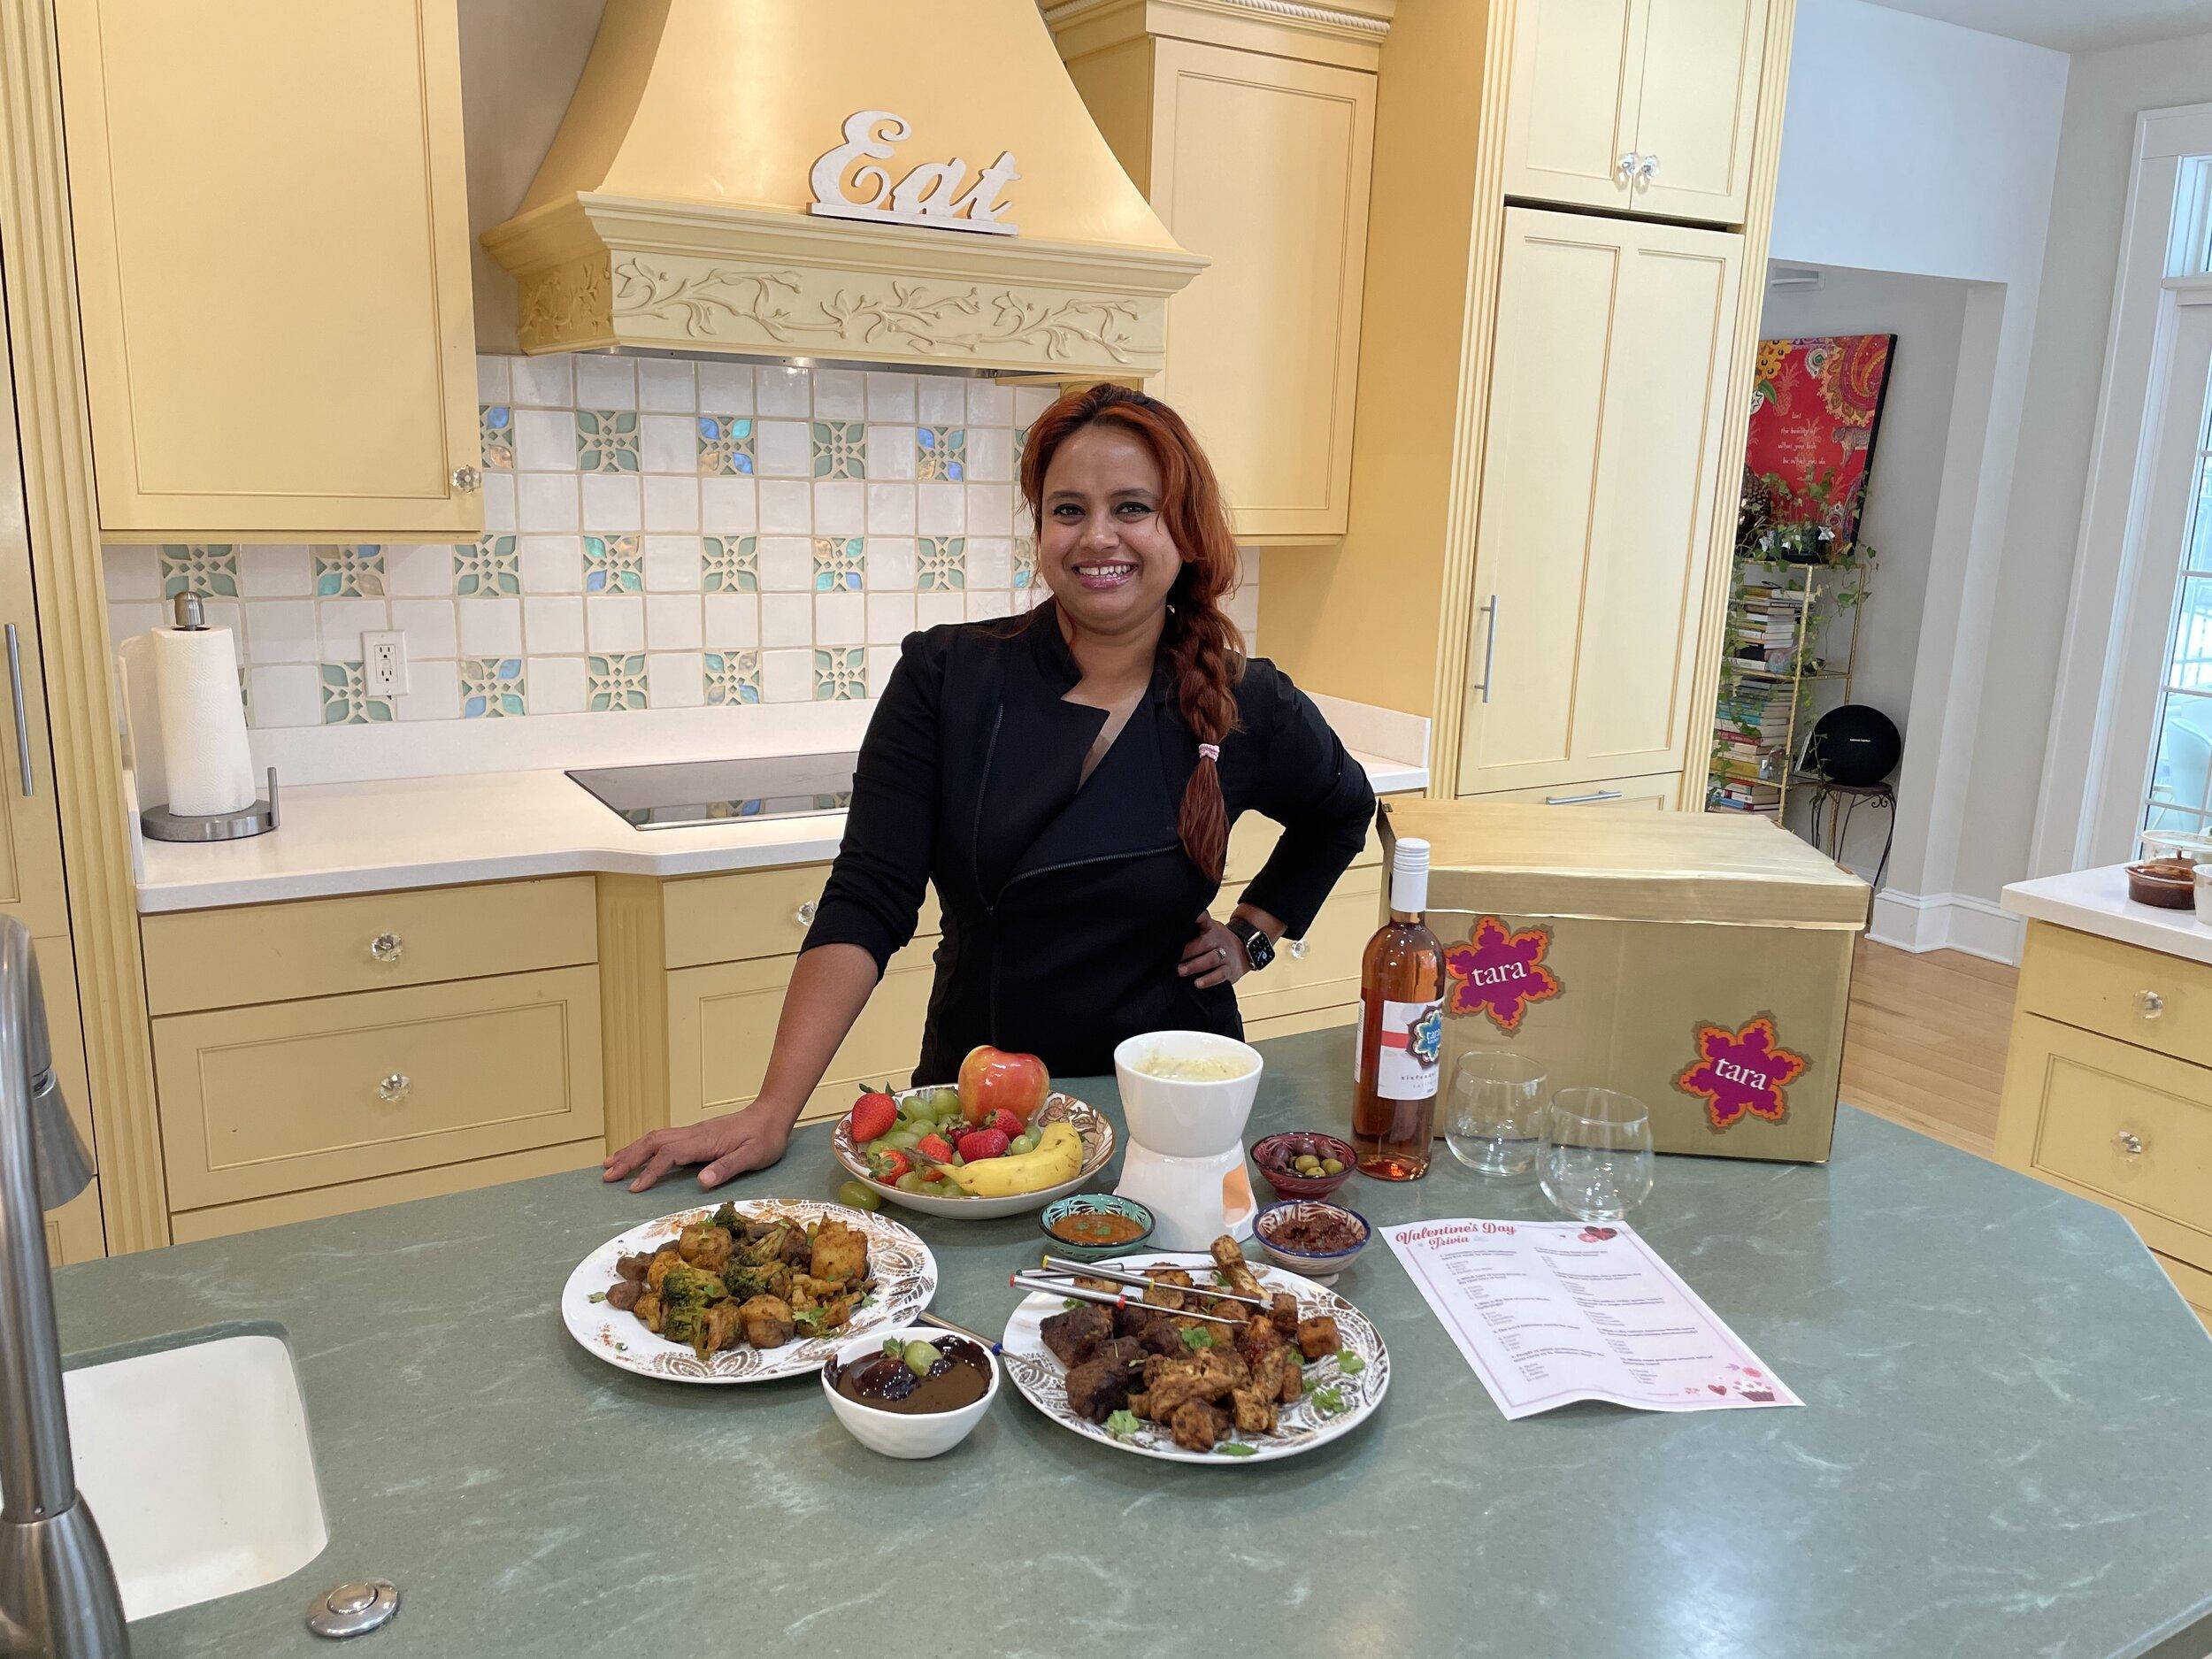 Tara Kitchen Restaurant